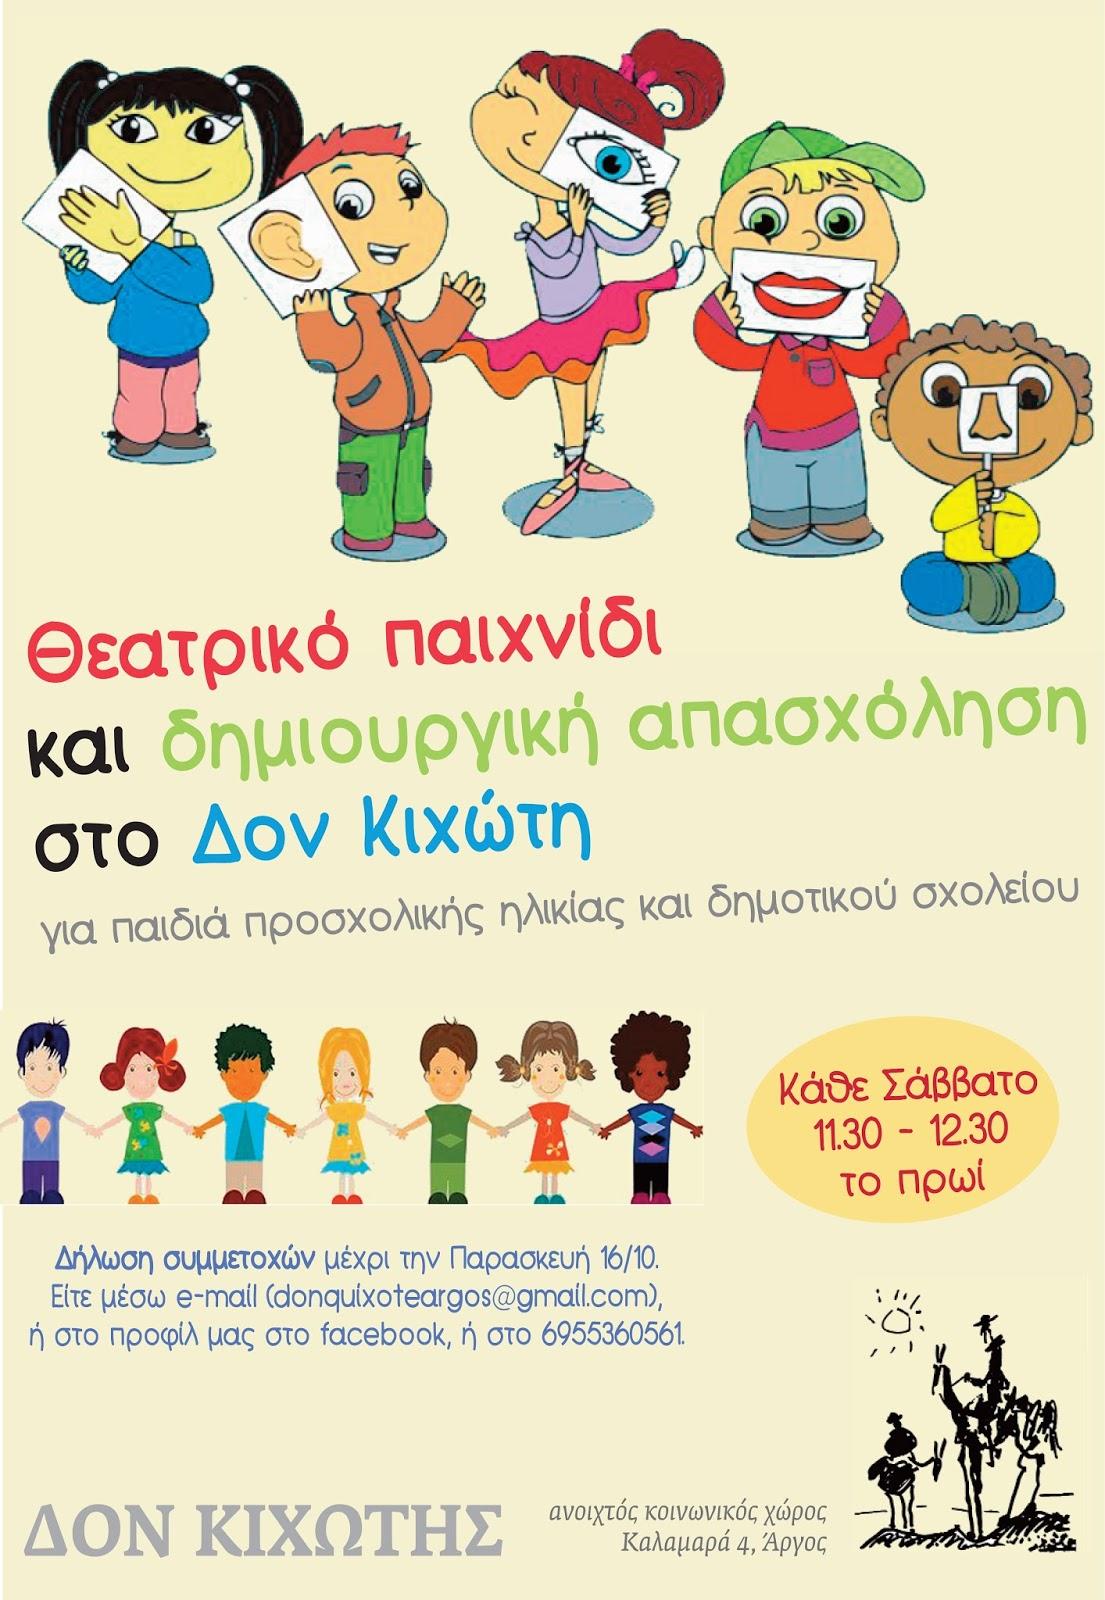 Θεατρικό παιχνίδι και δημιουργική απασχόληση για παιδιά